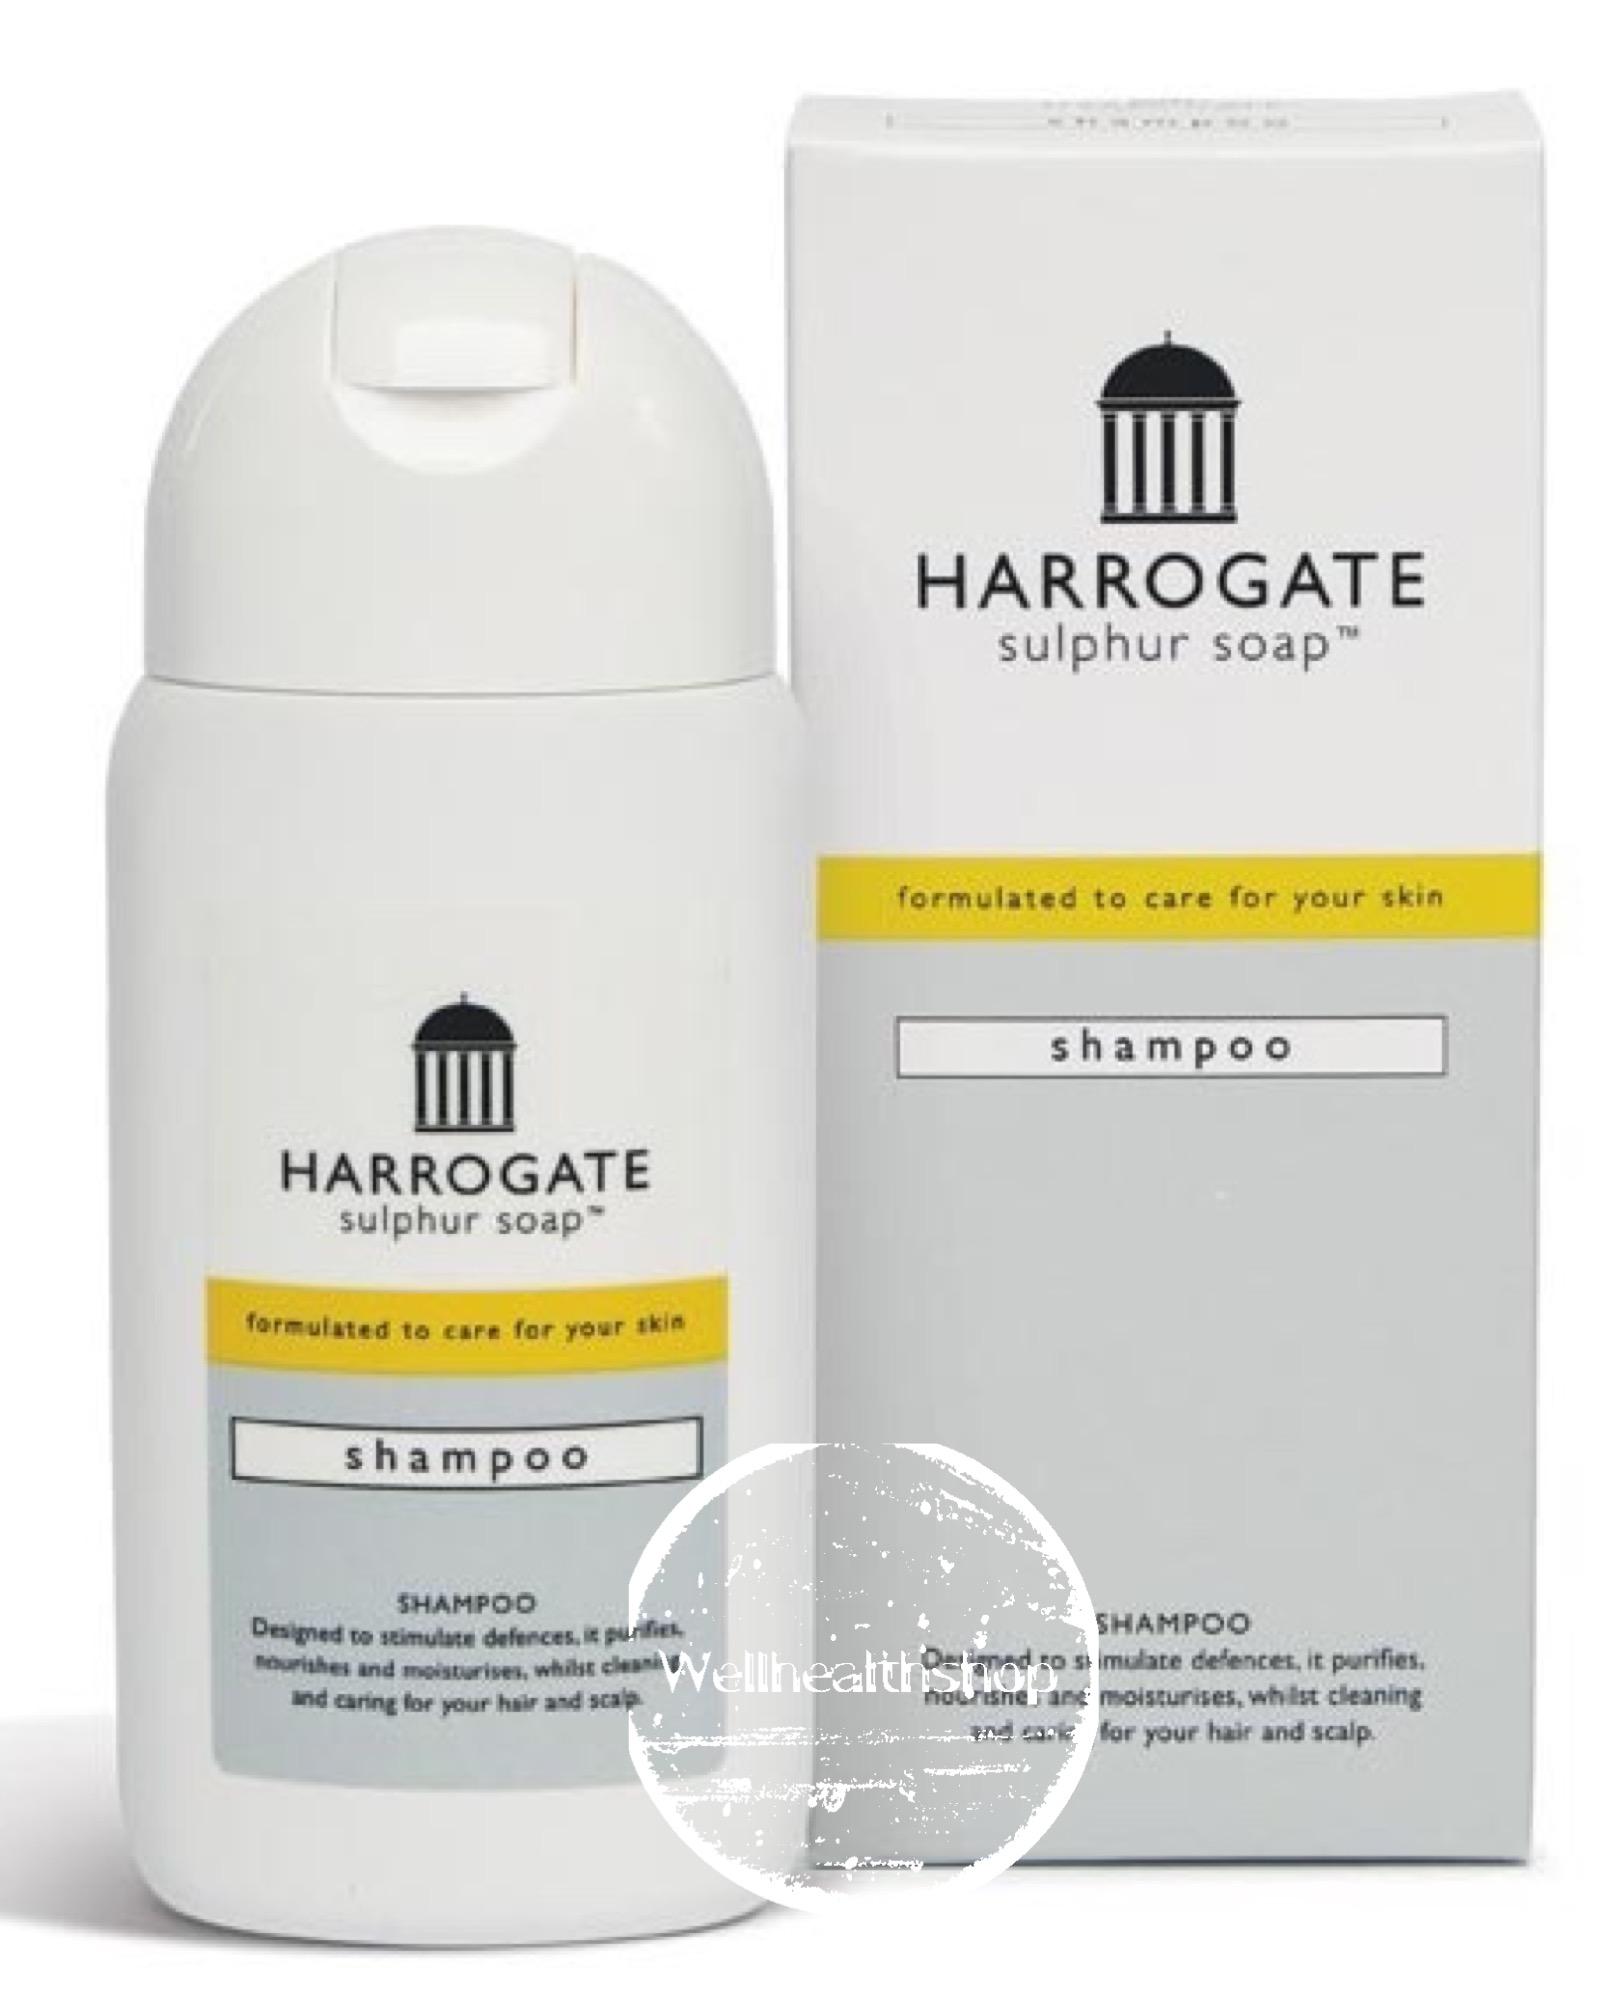 แชมพู ฮาโรเกต Harrogate Shampoo 150ml